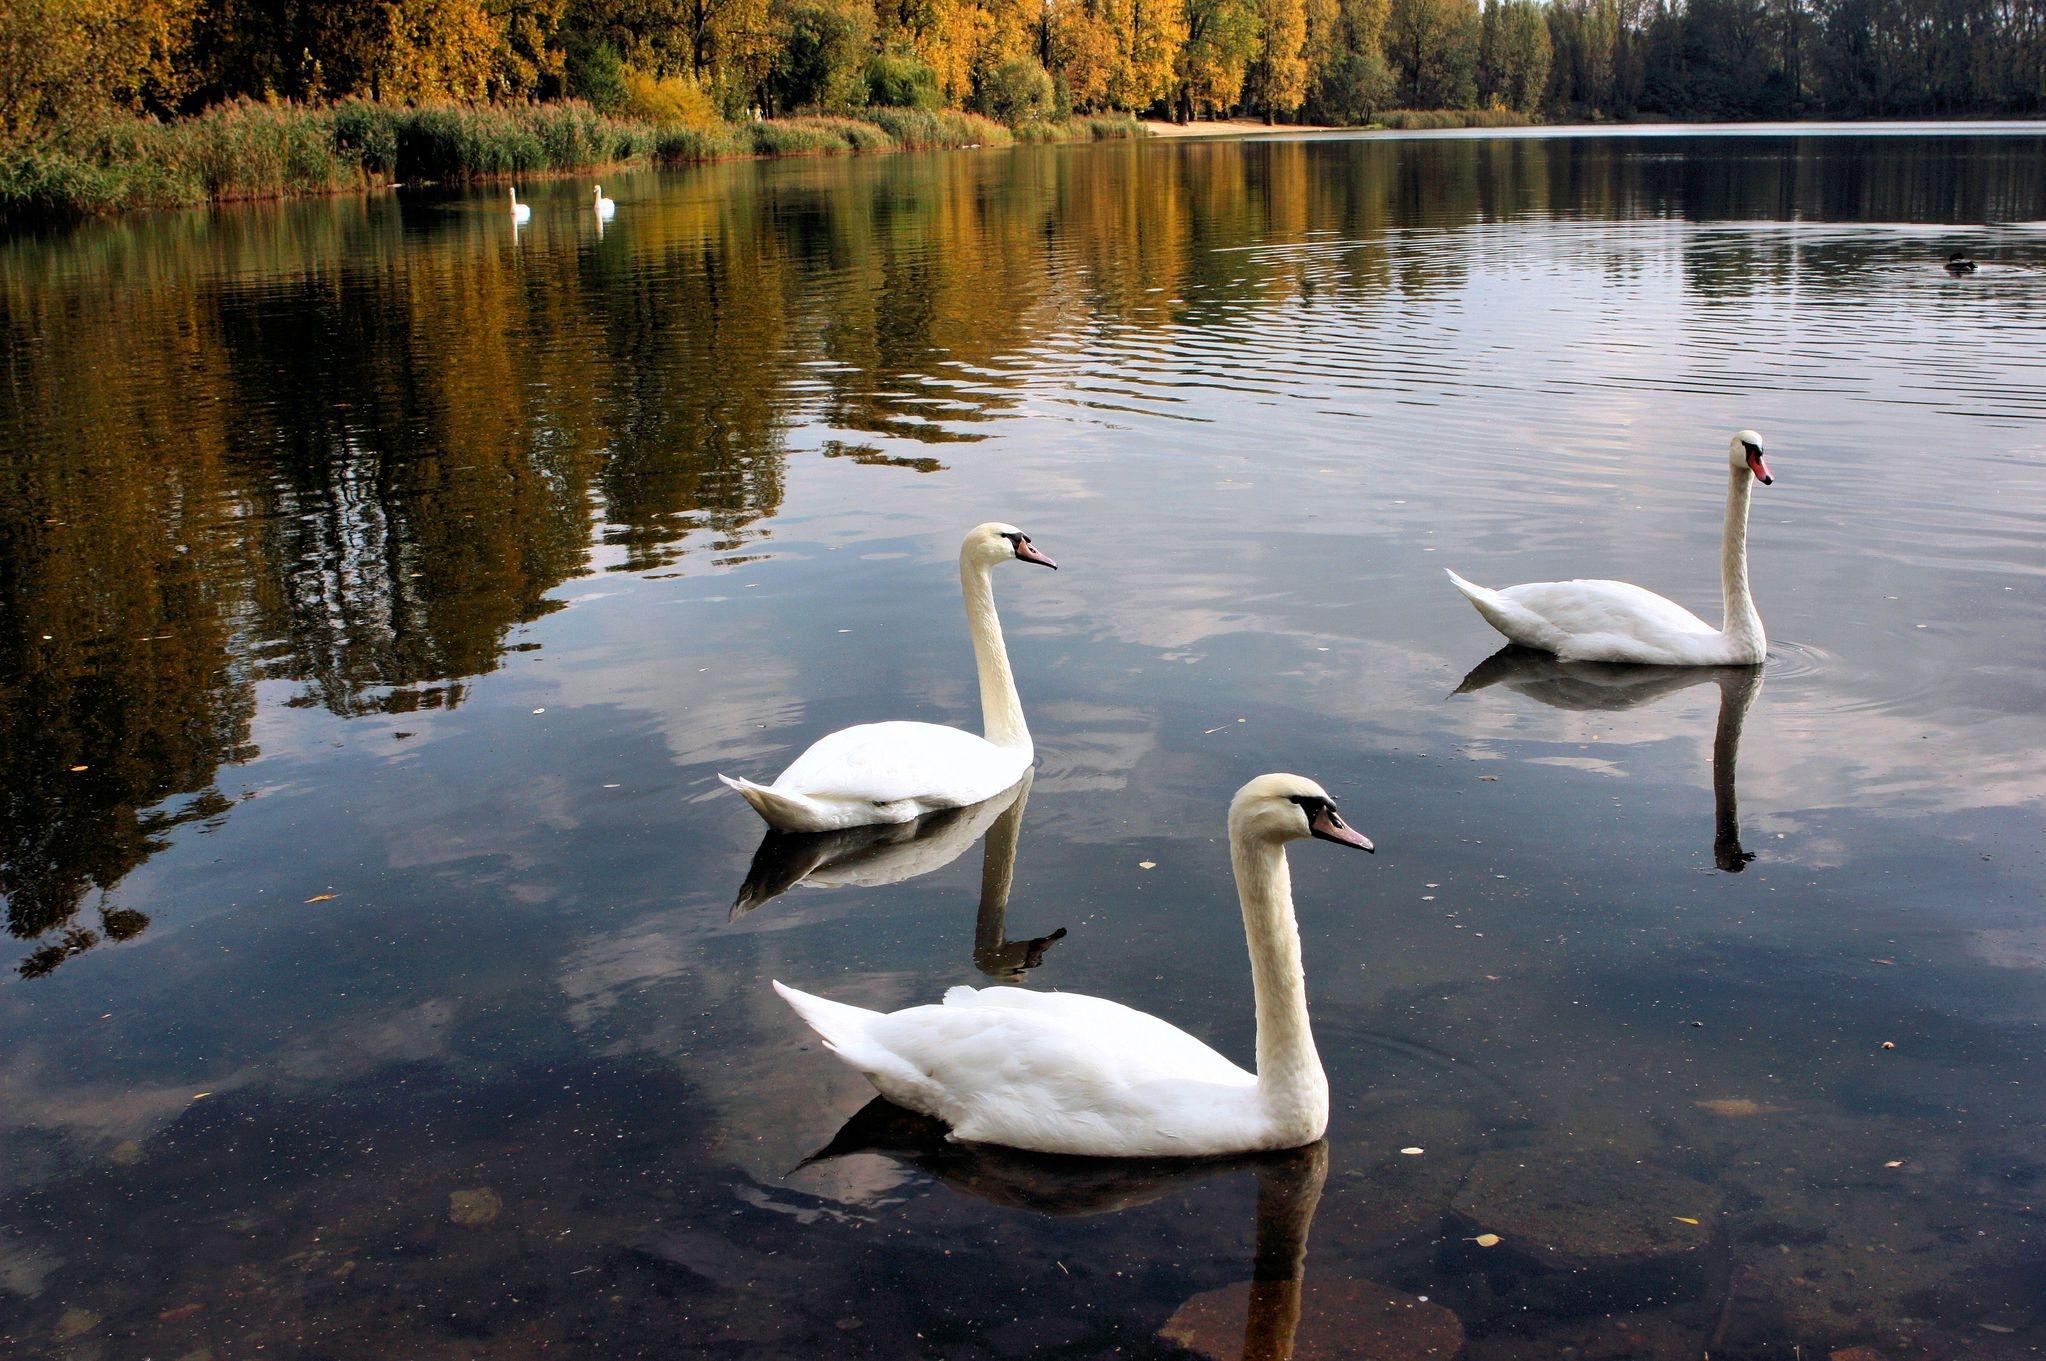 56632 Hintergrundbild herunterladen Tiere, Vögel, Bäume, Swans, See, Teich - Bildschirmschoner und Bilder kostenlos